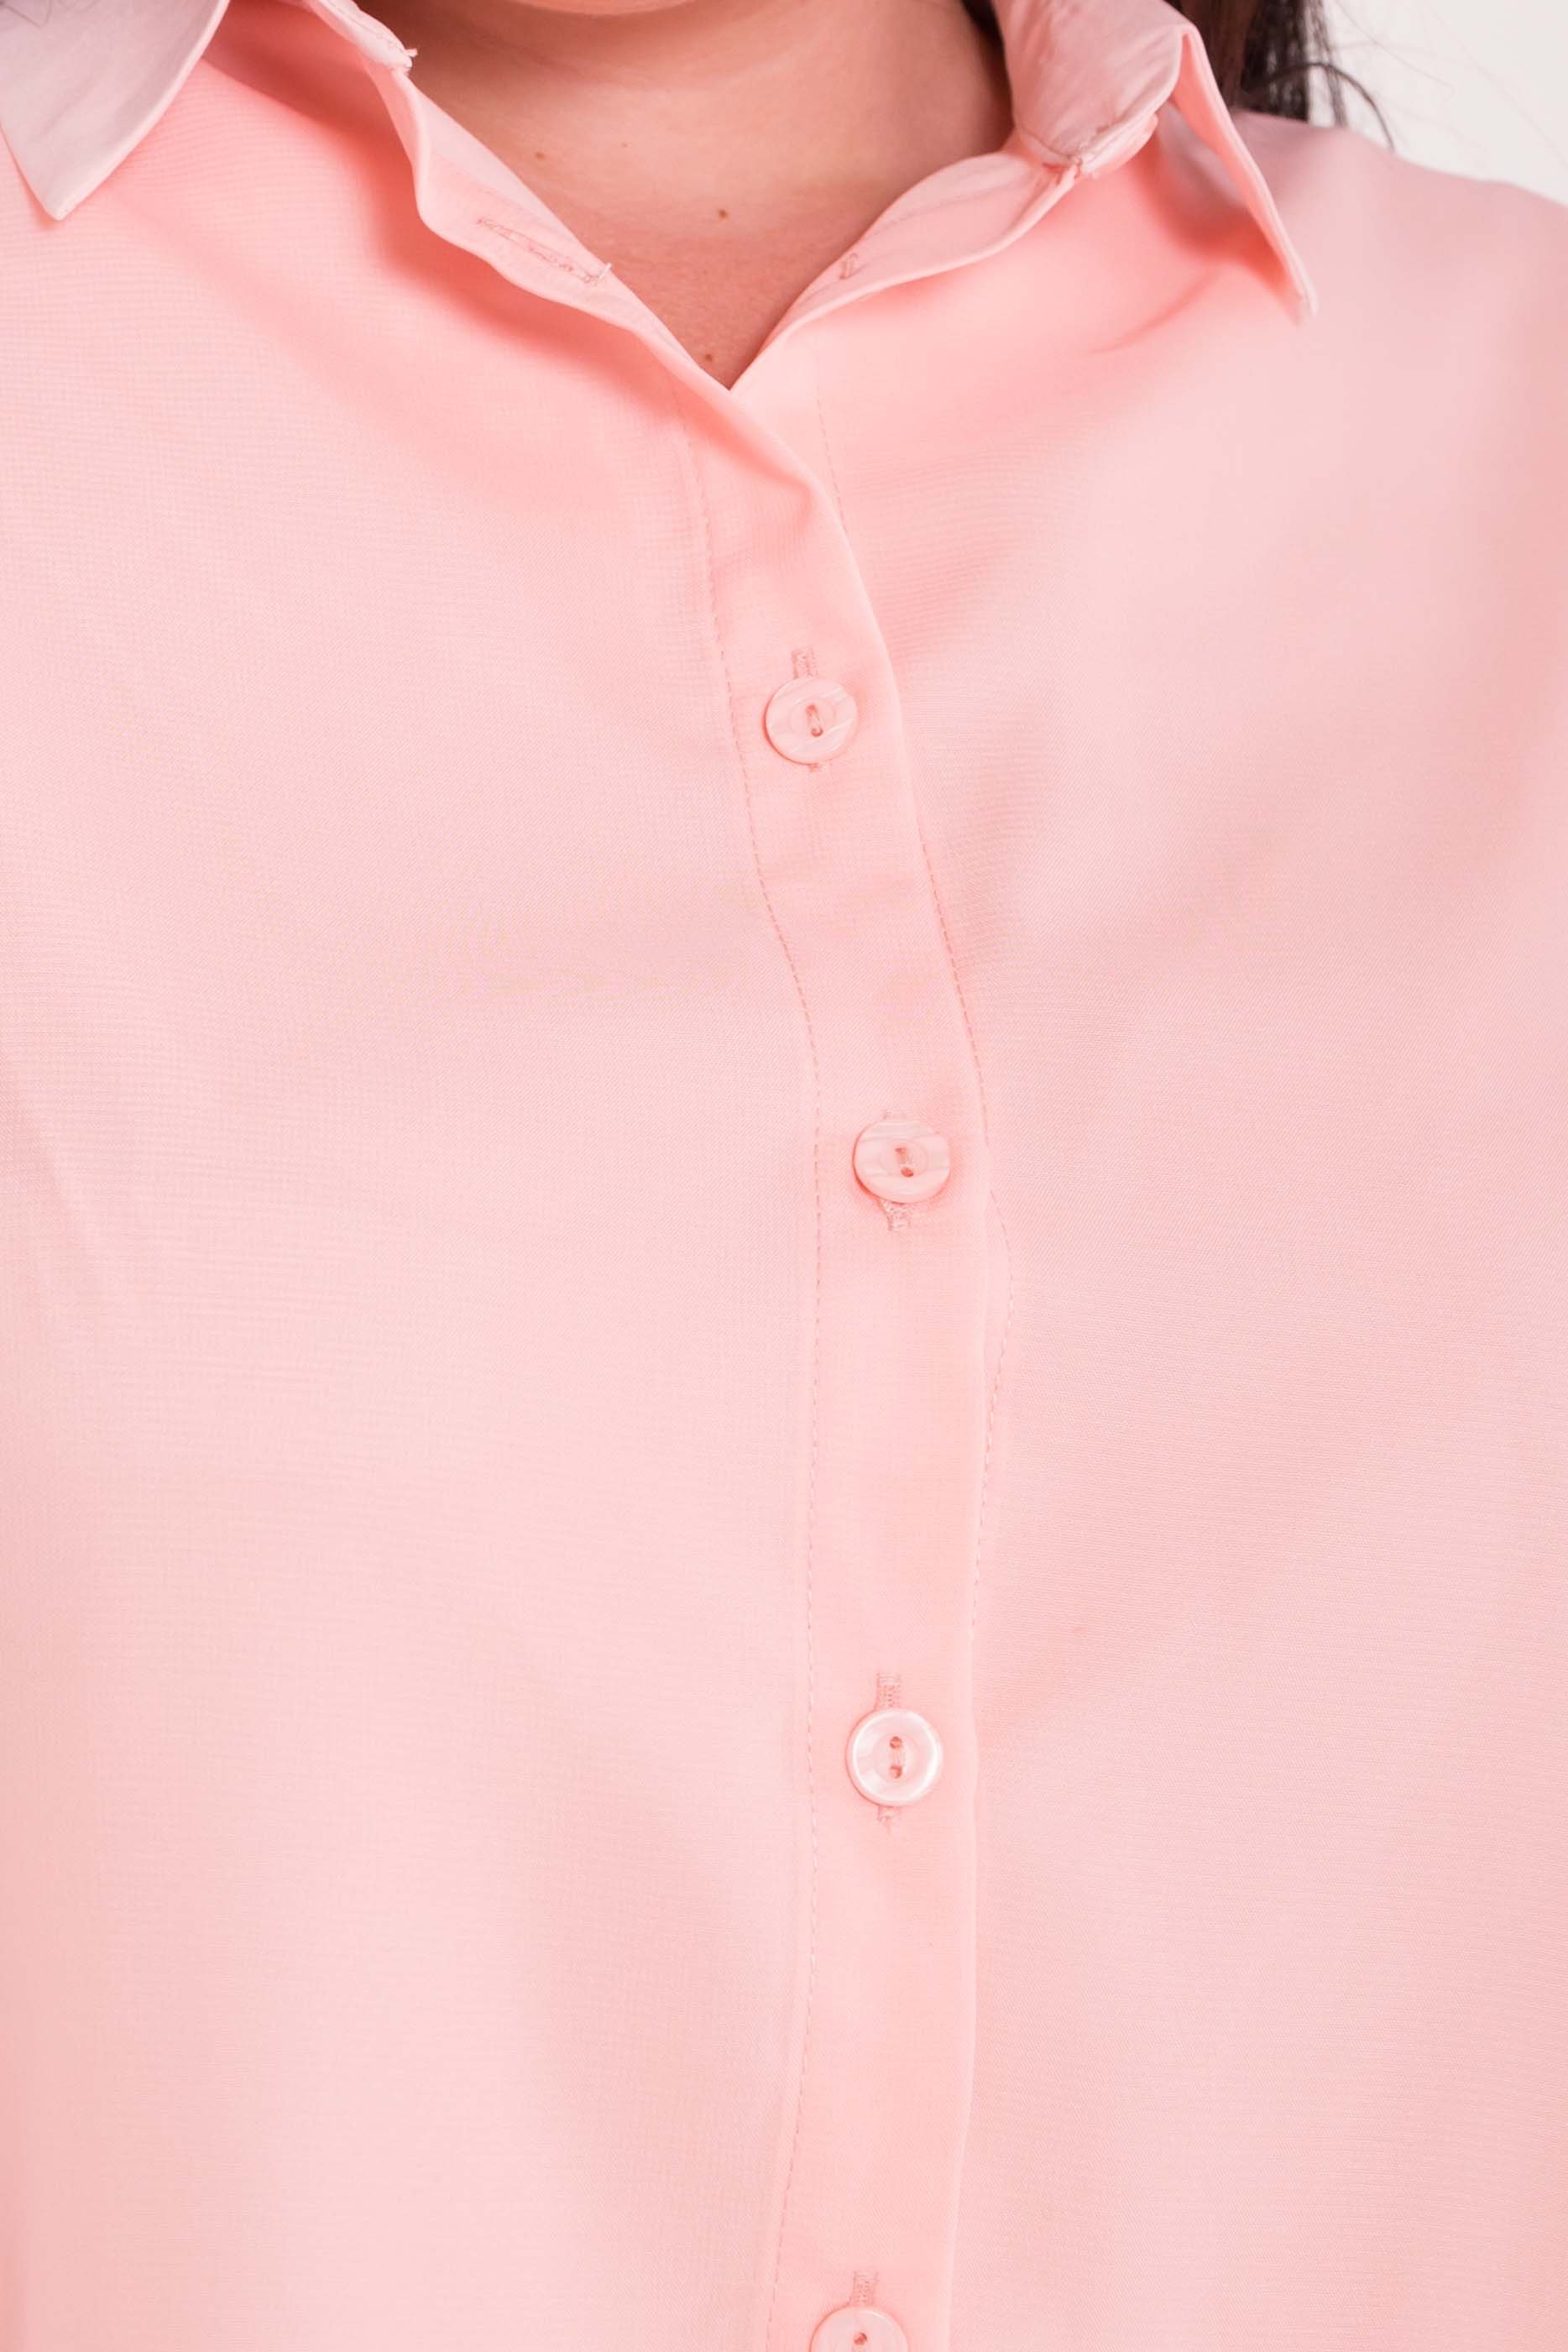 Удлиненная Рубашка Мелория Donna 7521 АРТ. 43456 Цвет: Пудра Светлая - фото 5, интернет магазин tm-modus.ru